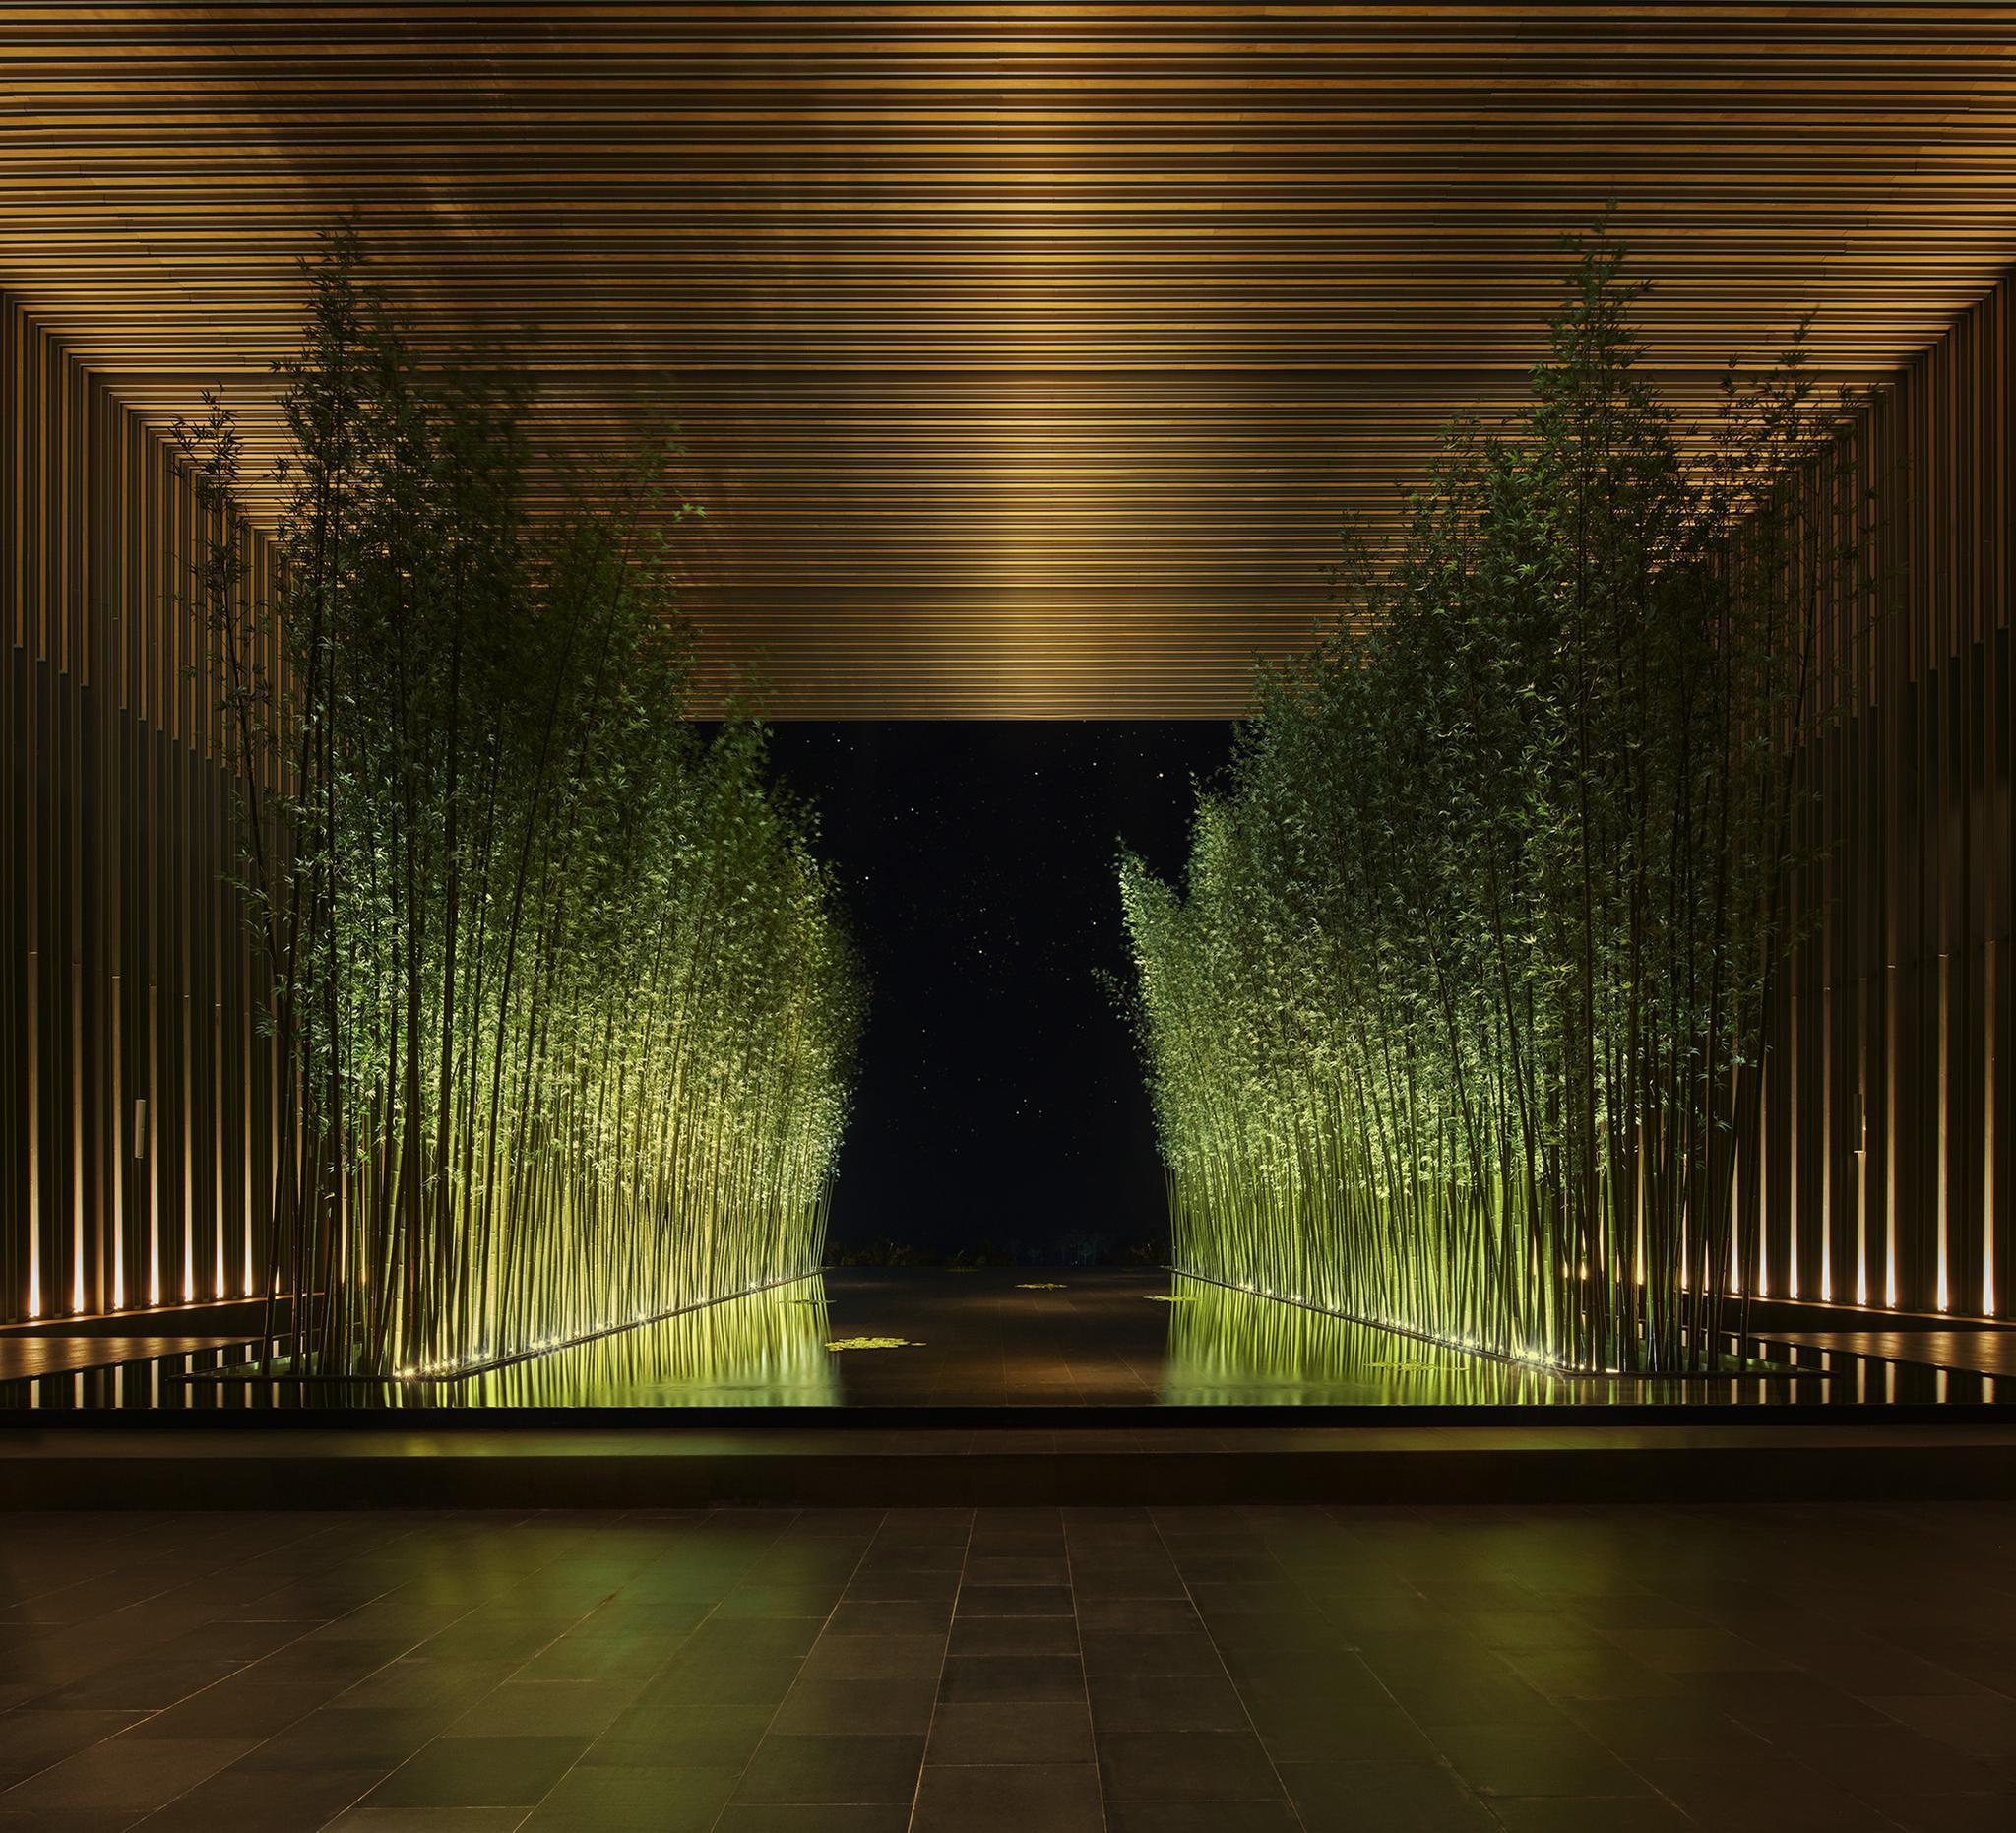 三亚艾迪逊酒店首开国内度假酒店先河  为时尚奢华酒店树立新